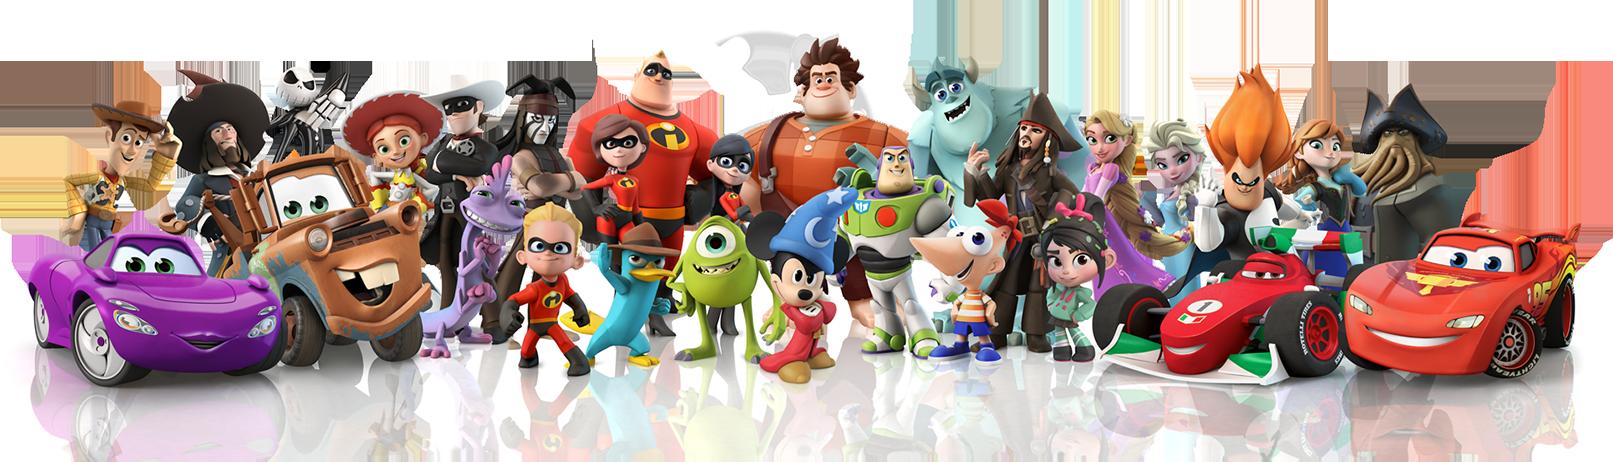 Personagens diversos de animações e filmes hollywoodianos